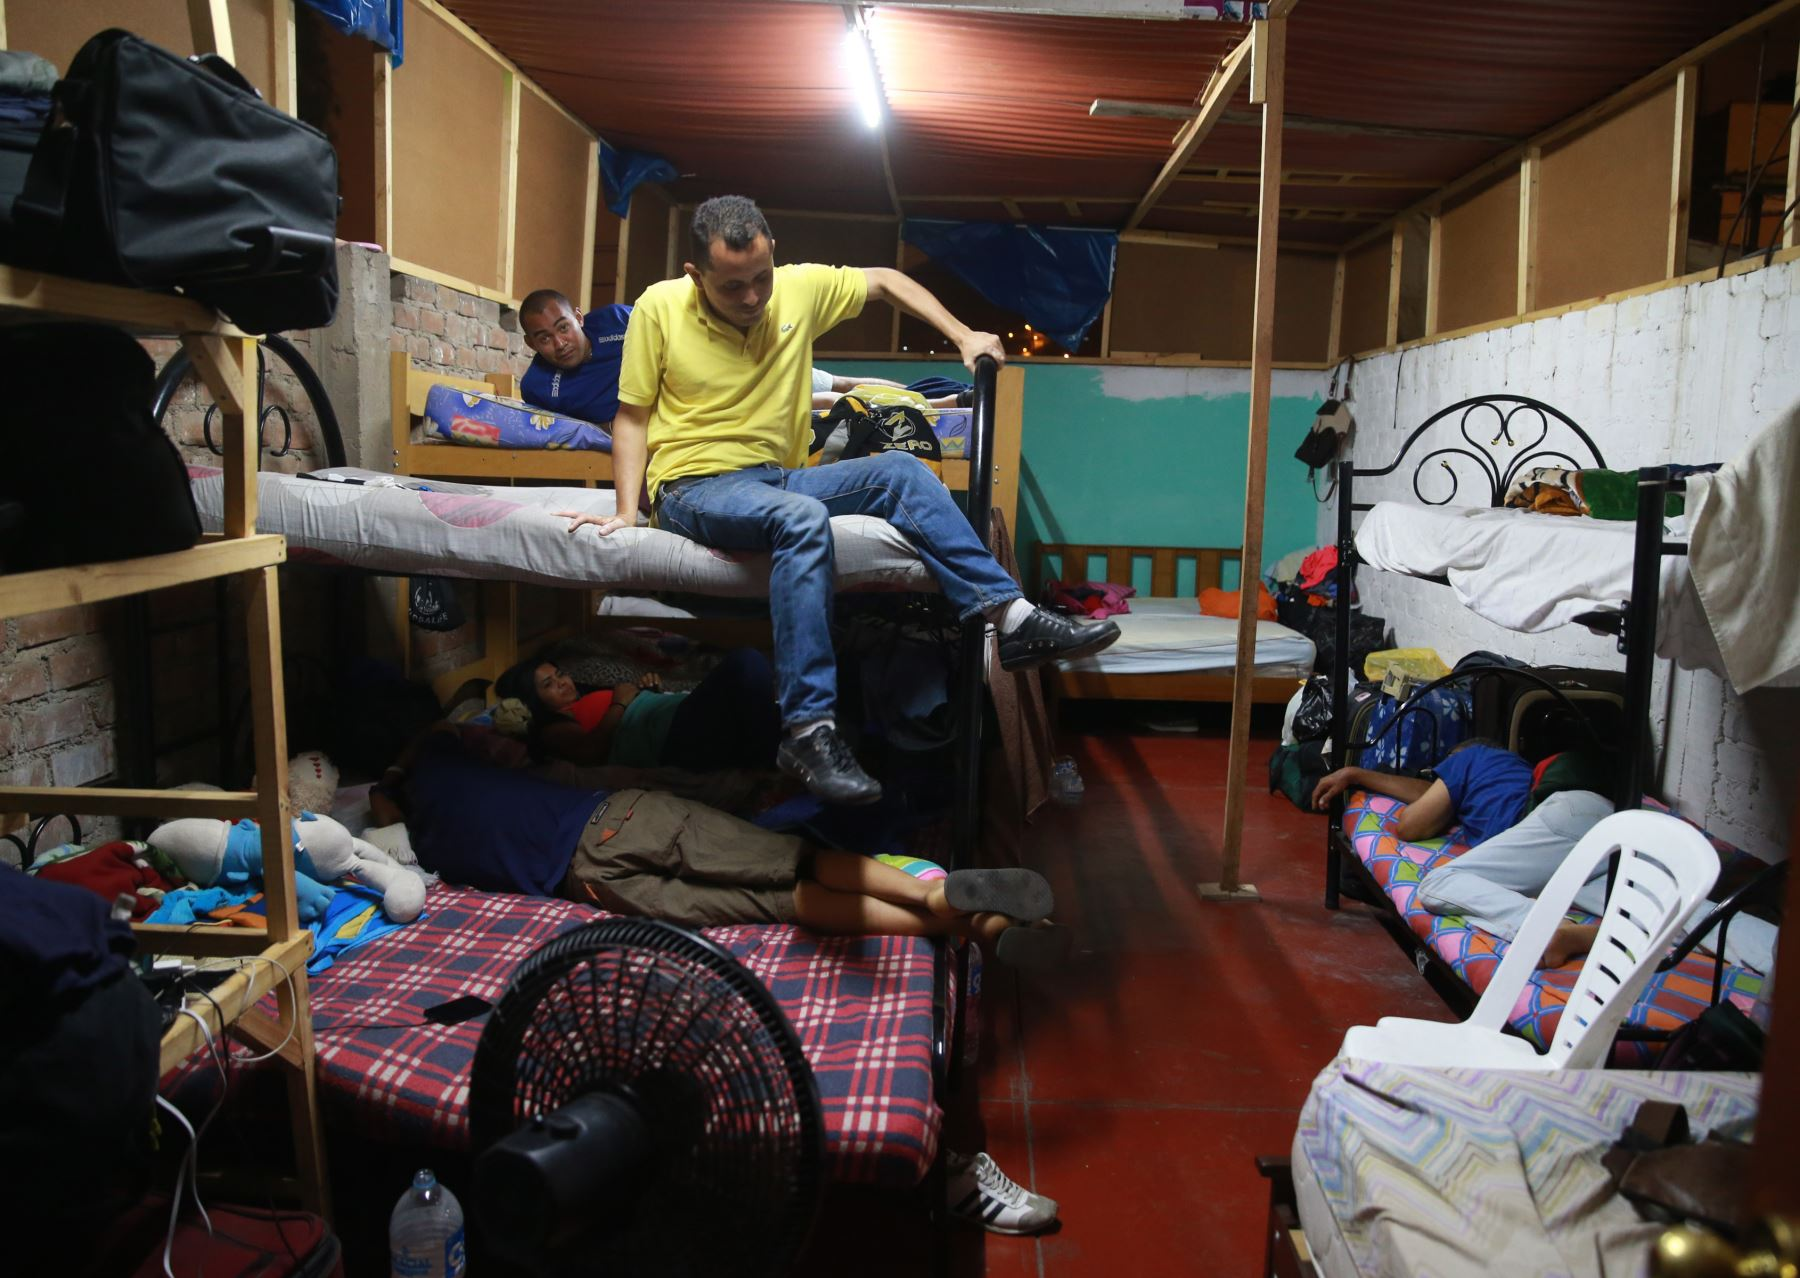 90 Inmigrantes venezolanos, conviven en reducidas habitaciones de albergue ubicado en la calle Los Olmos 248, urbanización Canto Bello, San Juan de Lurigancho. Foto: ANDINA/Vidal Tarqui